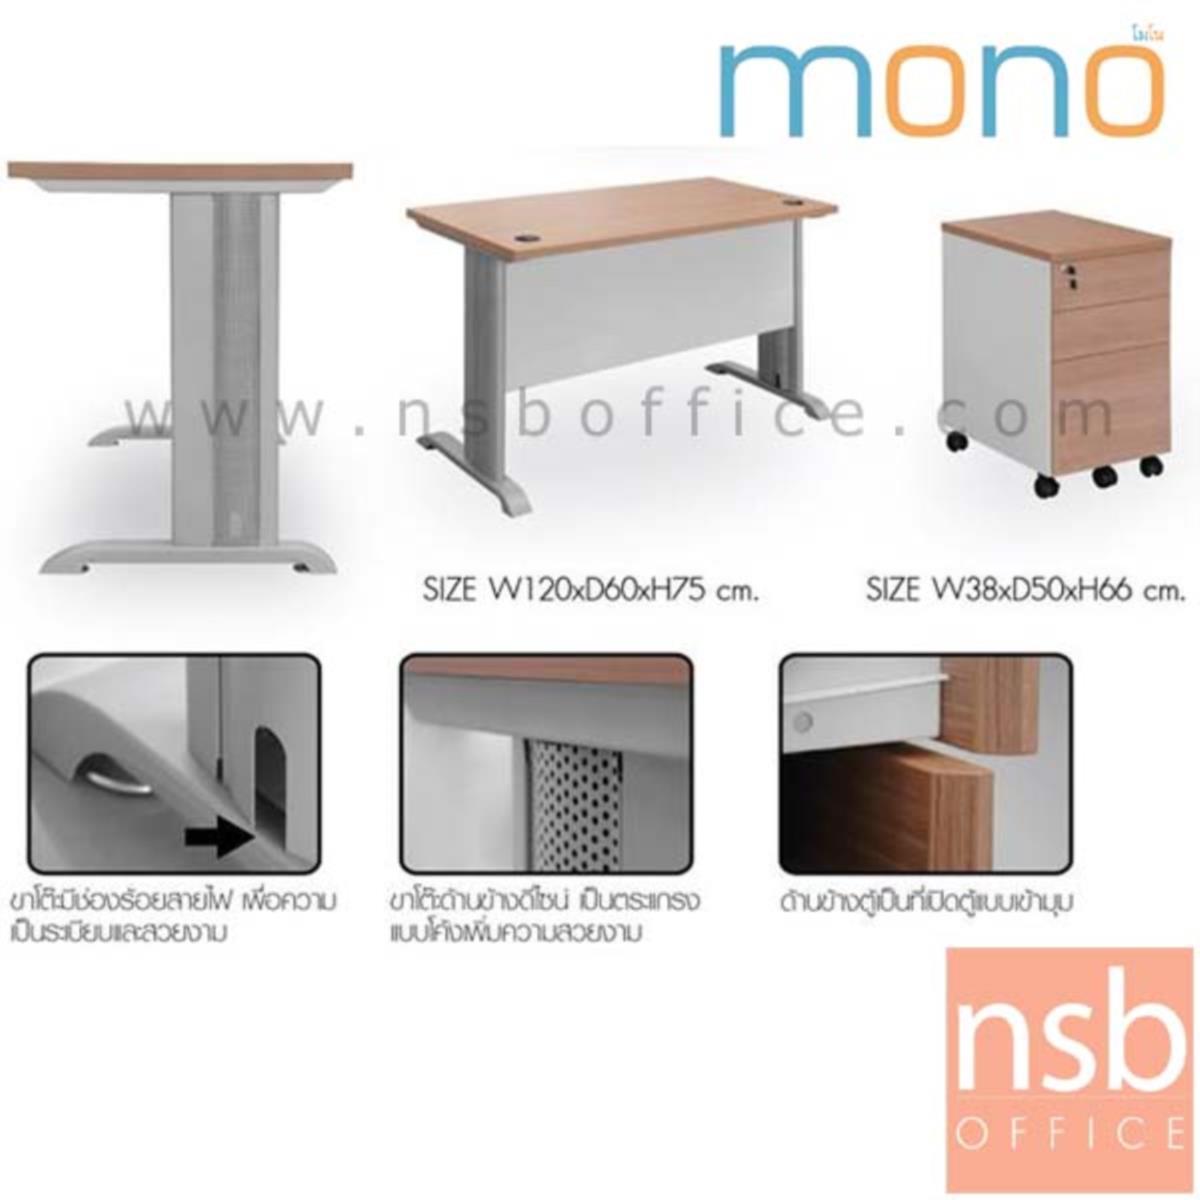 โต๊ะทำงานทรงสี่เหลี่ยม รุ่น MN-VH ขนาด 120W cm. พร้อมลิ้นชักล้อเลื่อน ขาเหล็ก